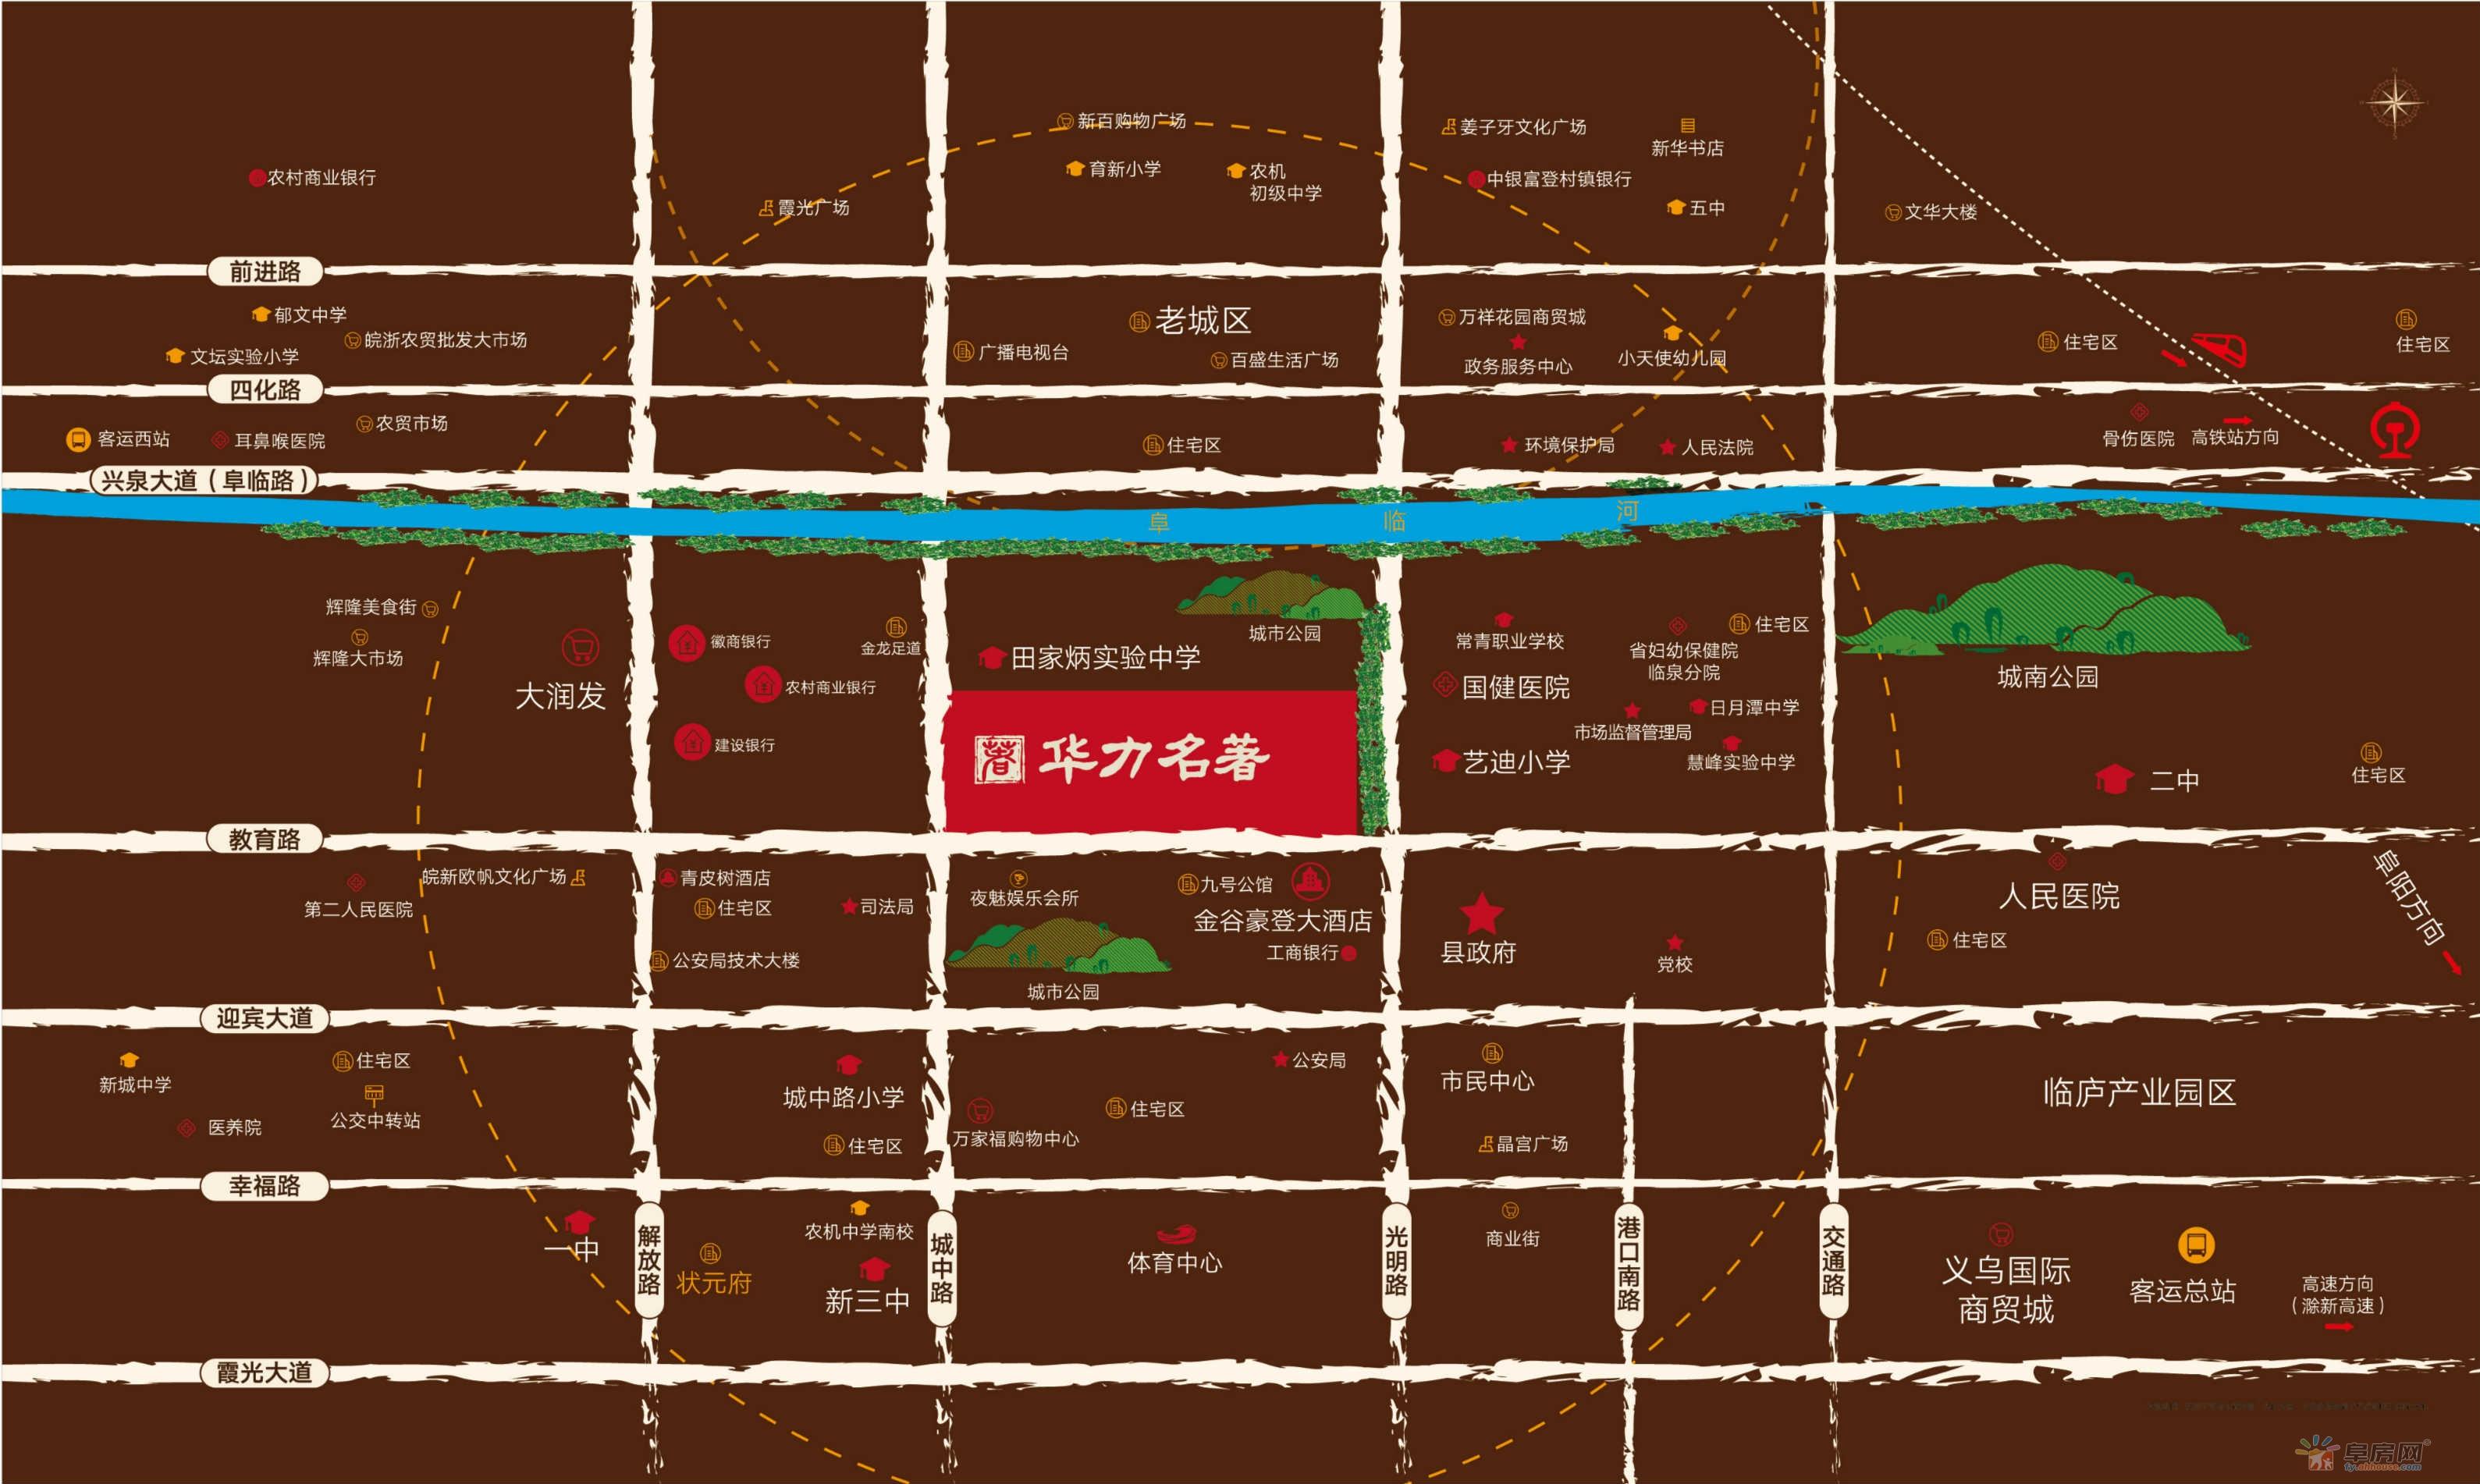 华力名著交通图